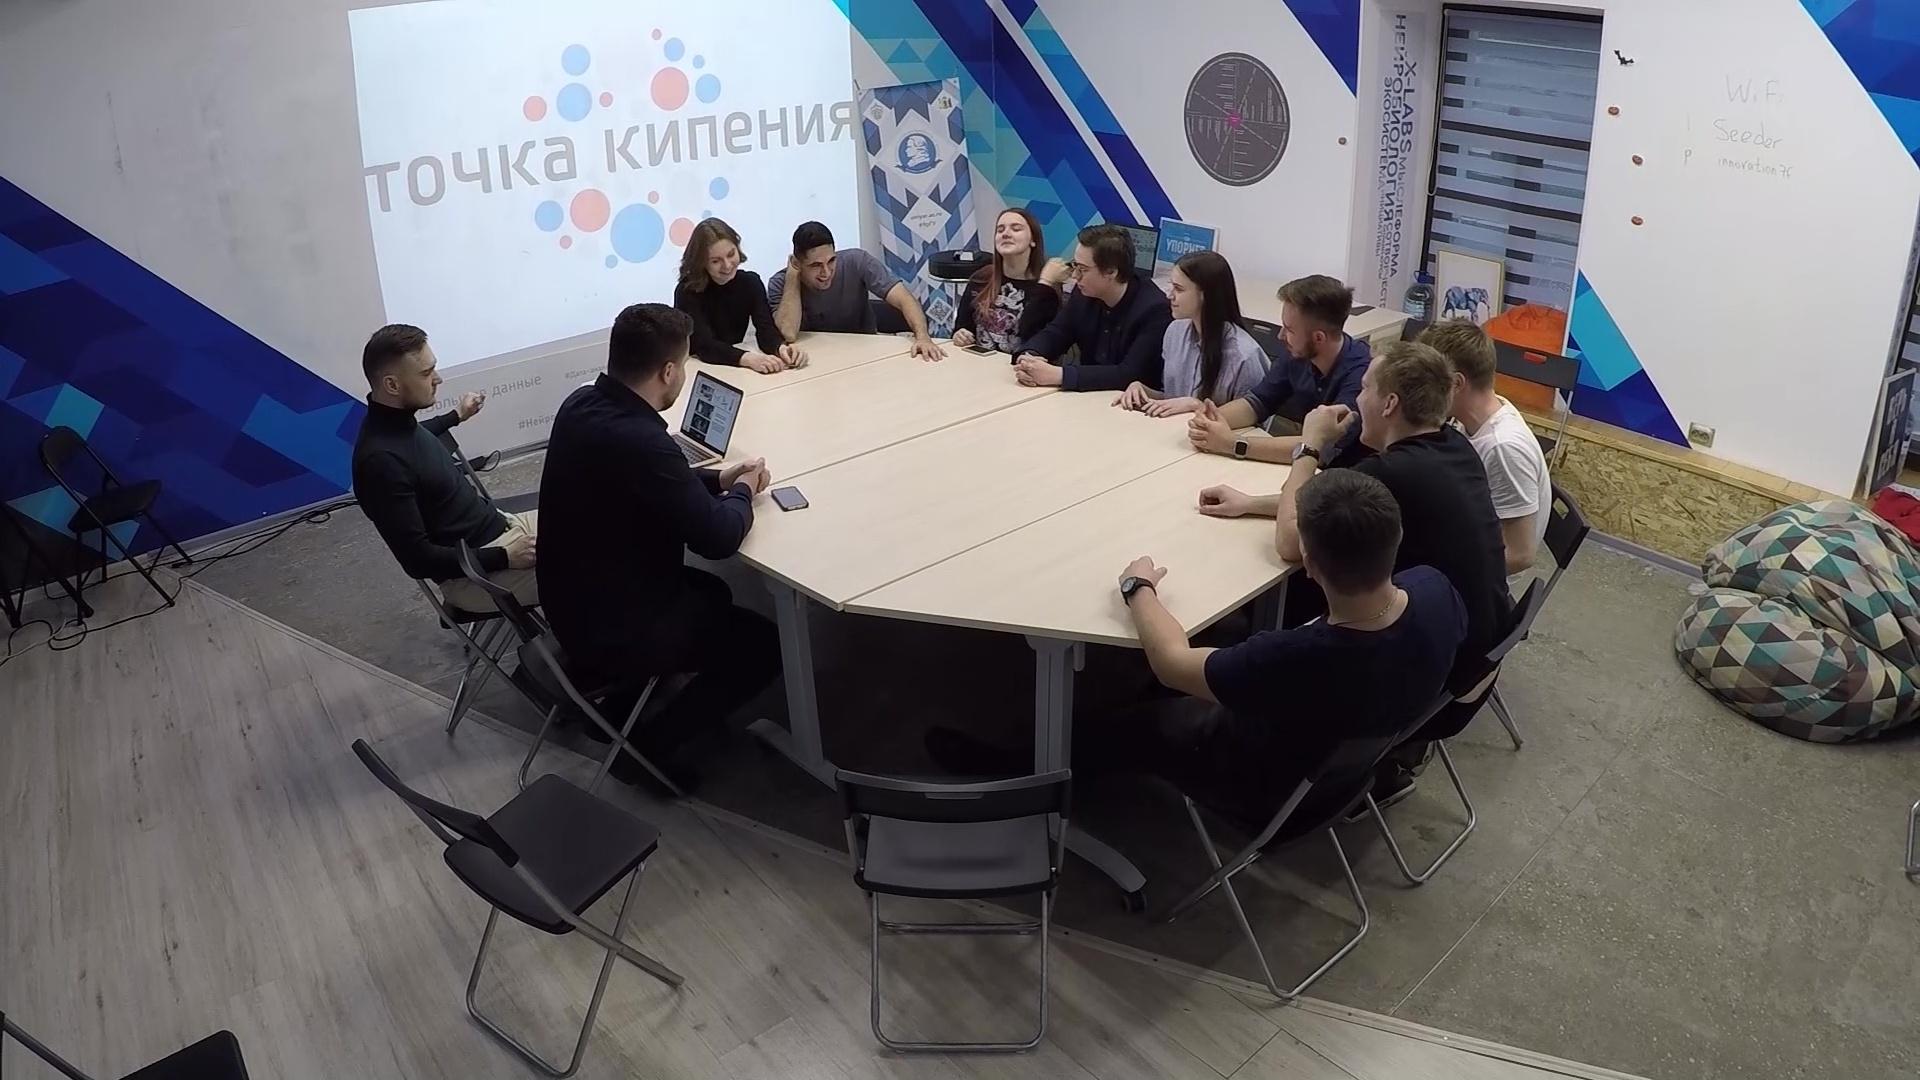 Студенты трех ярославских вузов предложили создать новое общественное пространство в центре города